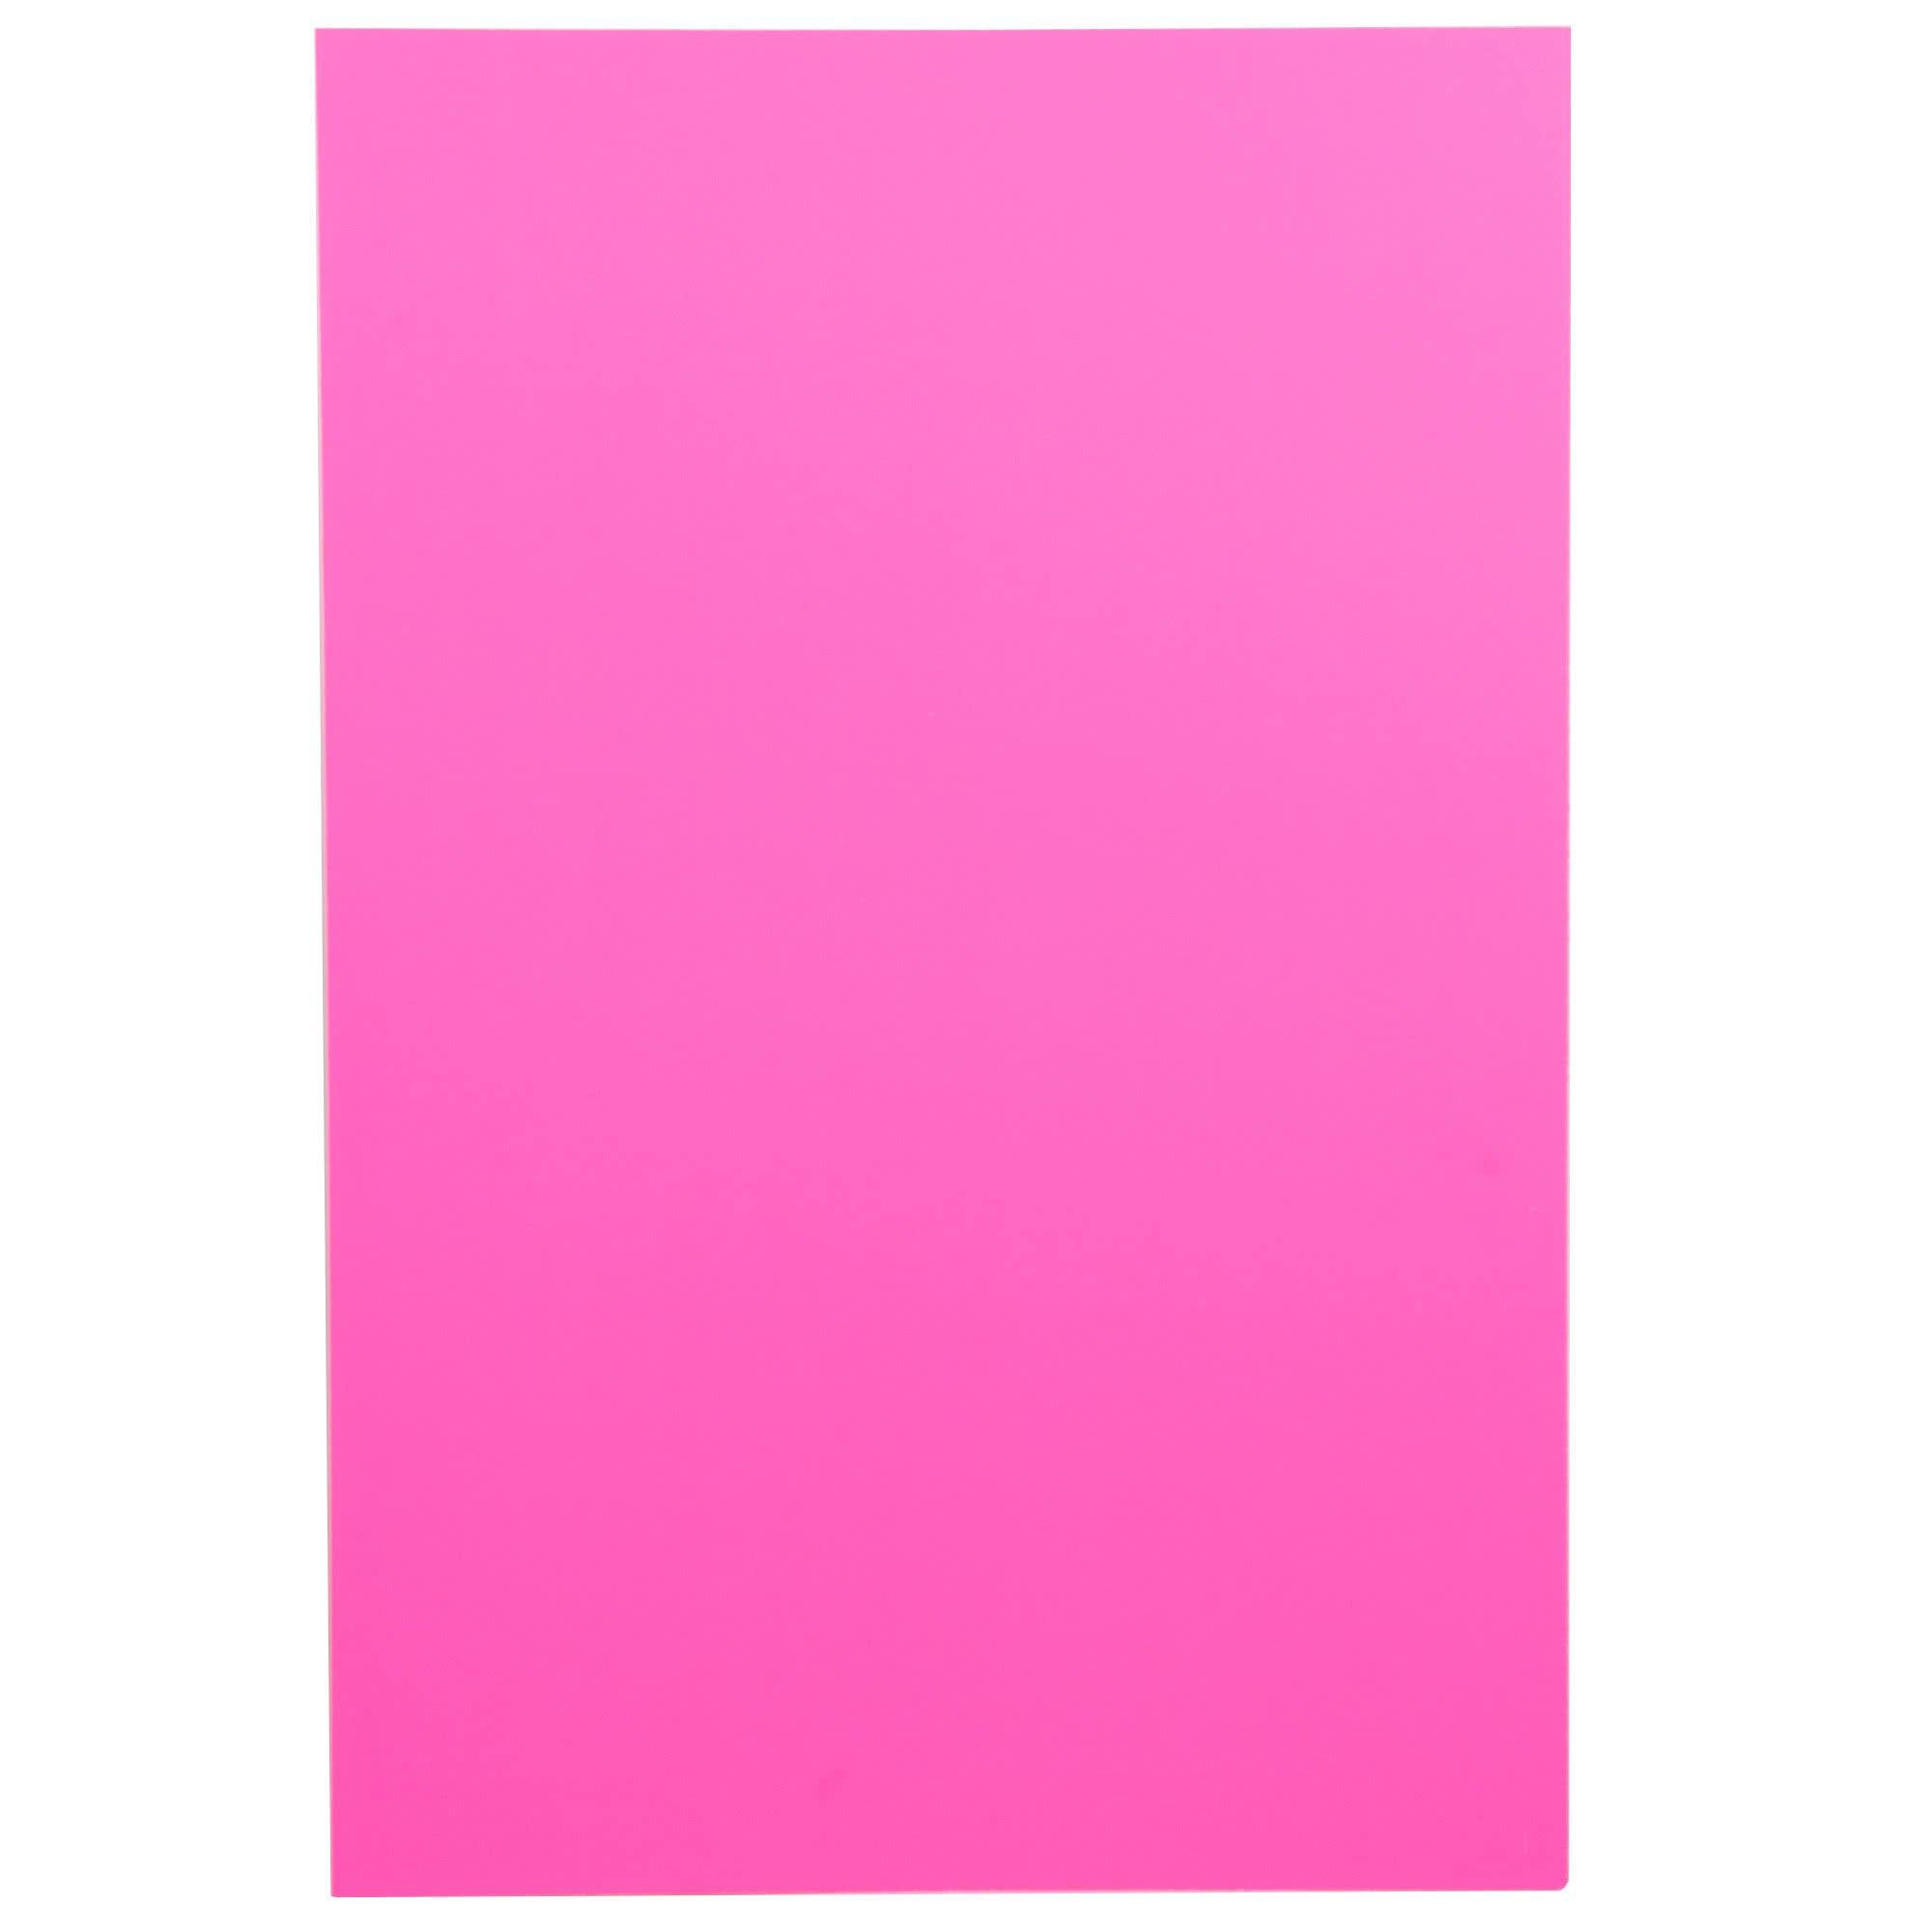 TableTop King 950040 20'' x 30'' Neon Pink Polystyrene Foam Board - 10/Case